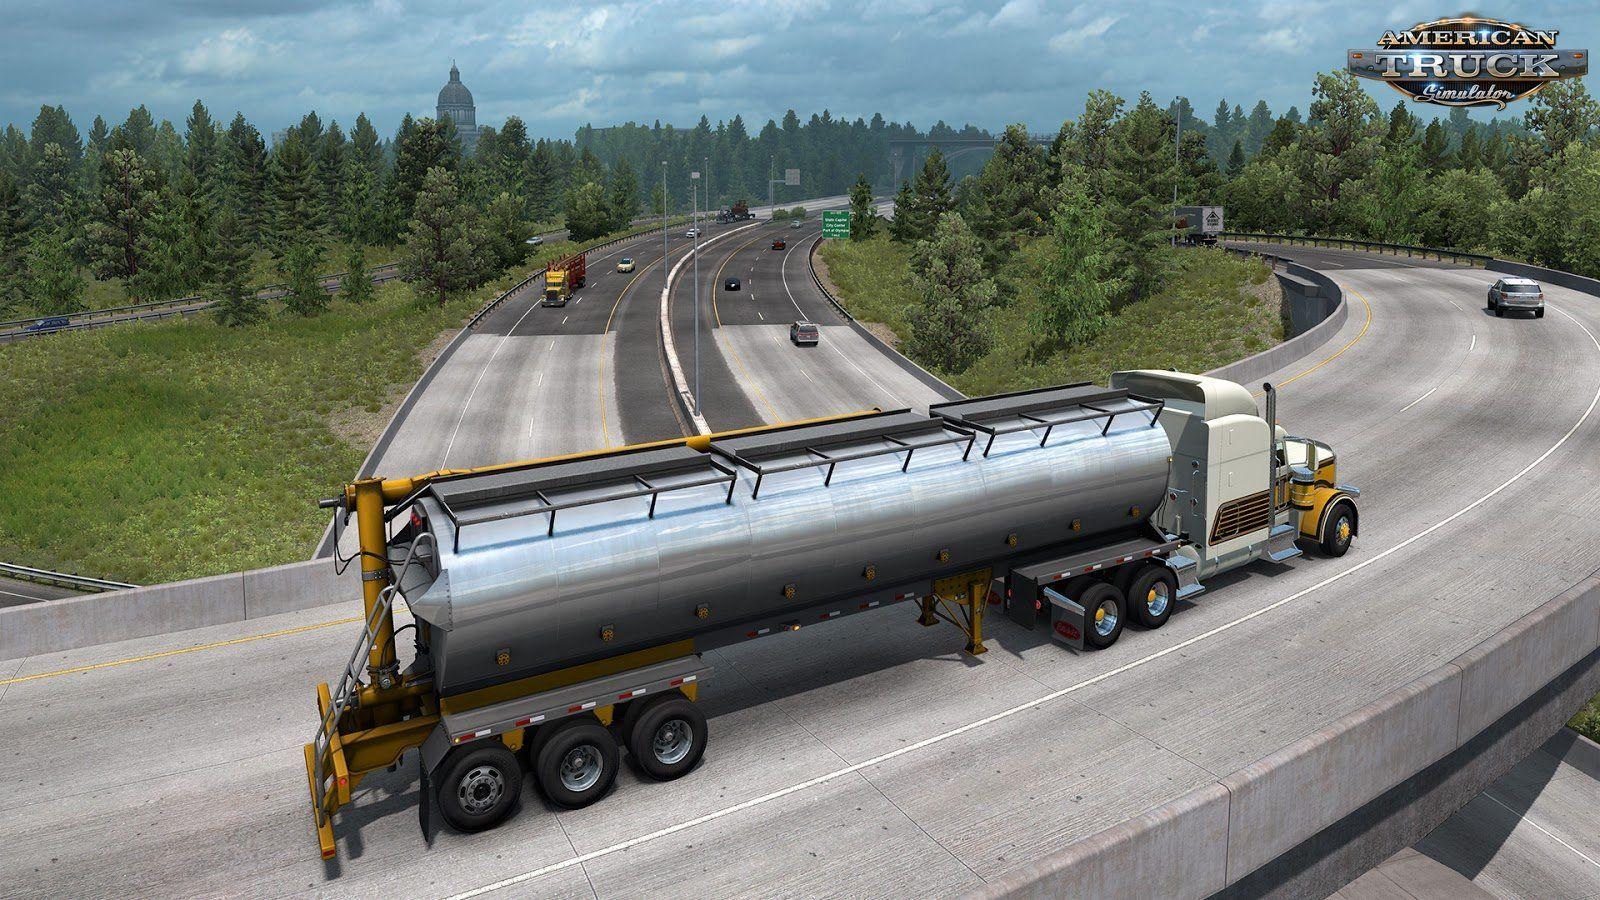 American Truck Simulator Update 1 36 Open Beta By Scs American Truck Simulator Simulation Digital Gauge